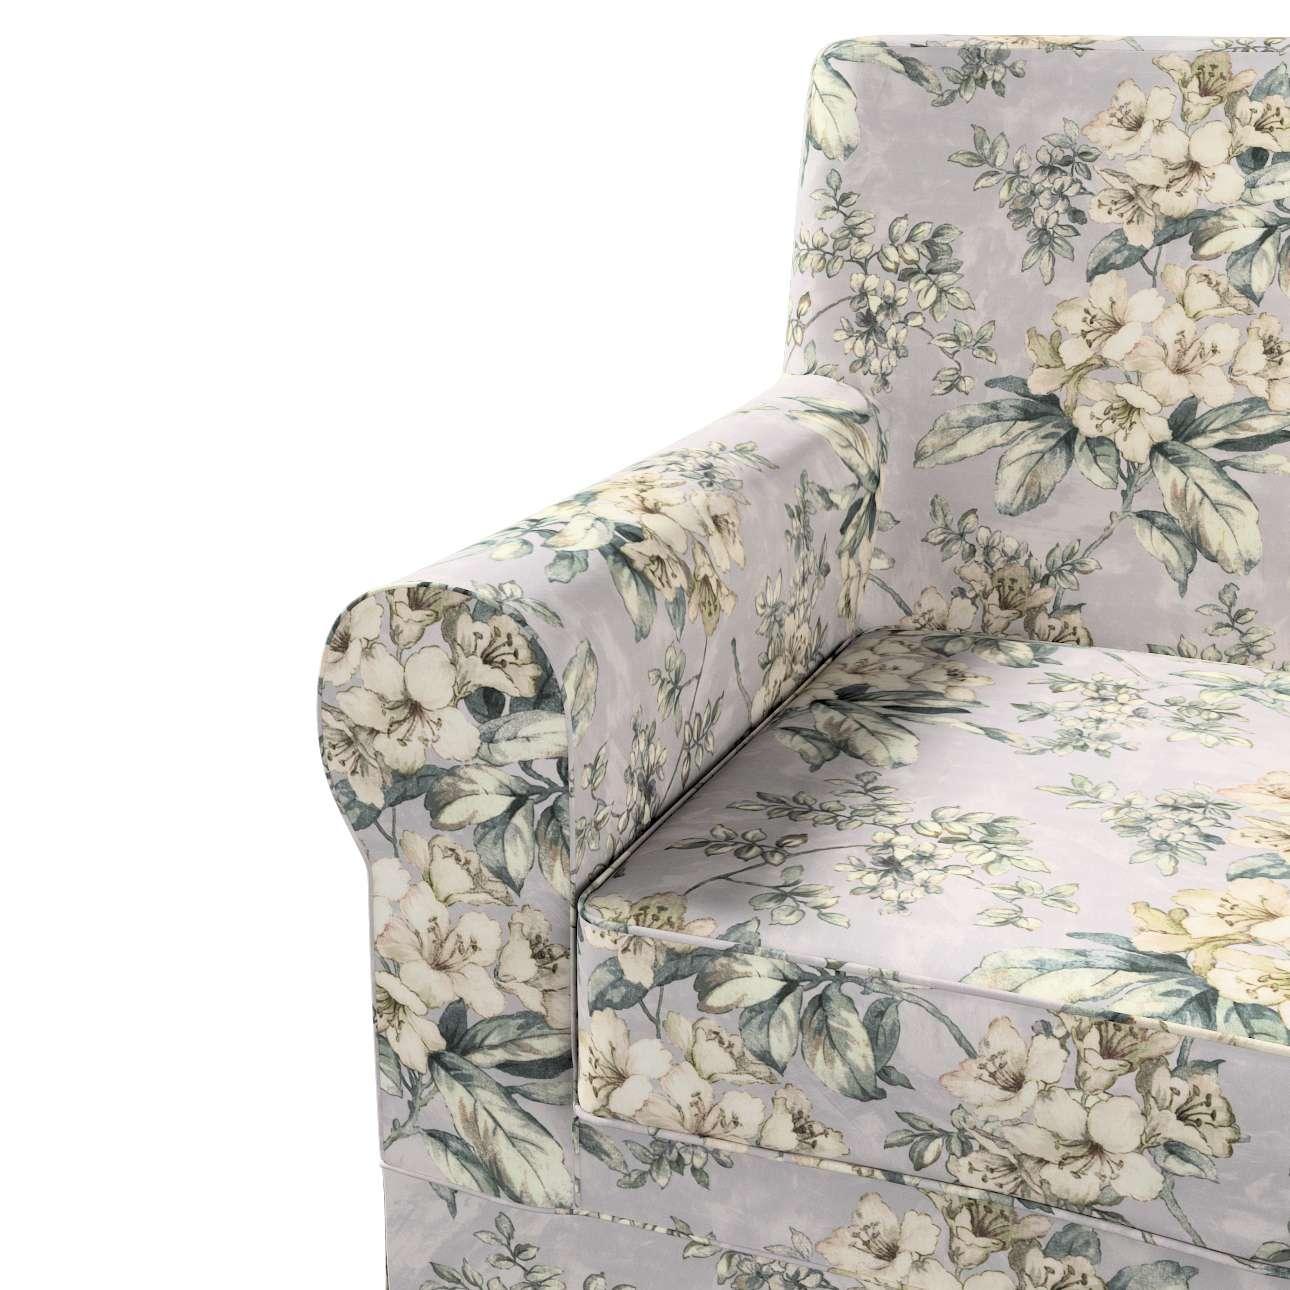 Pokrowiec na fotel Ektorp Jennylund w kolekcji Londres, tkanina: 143-36